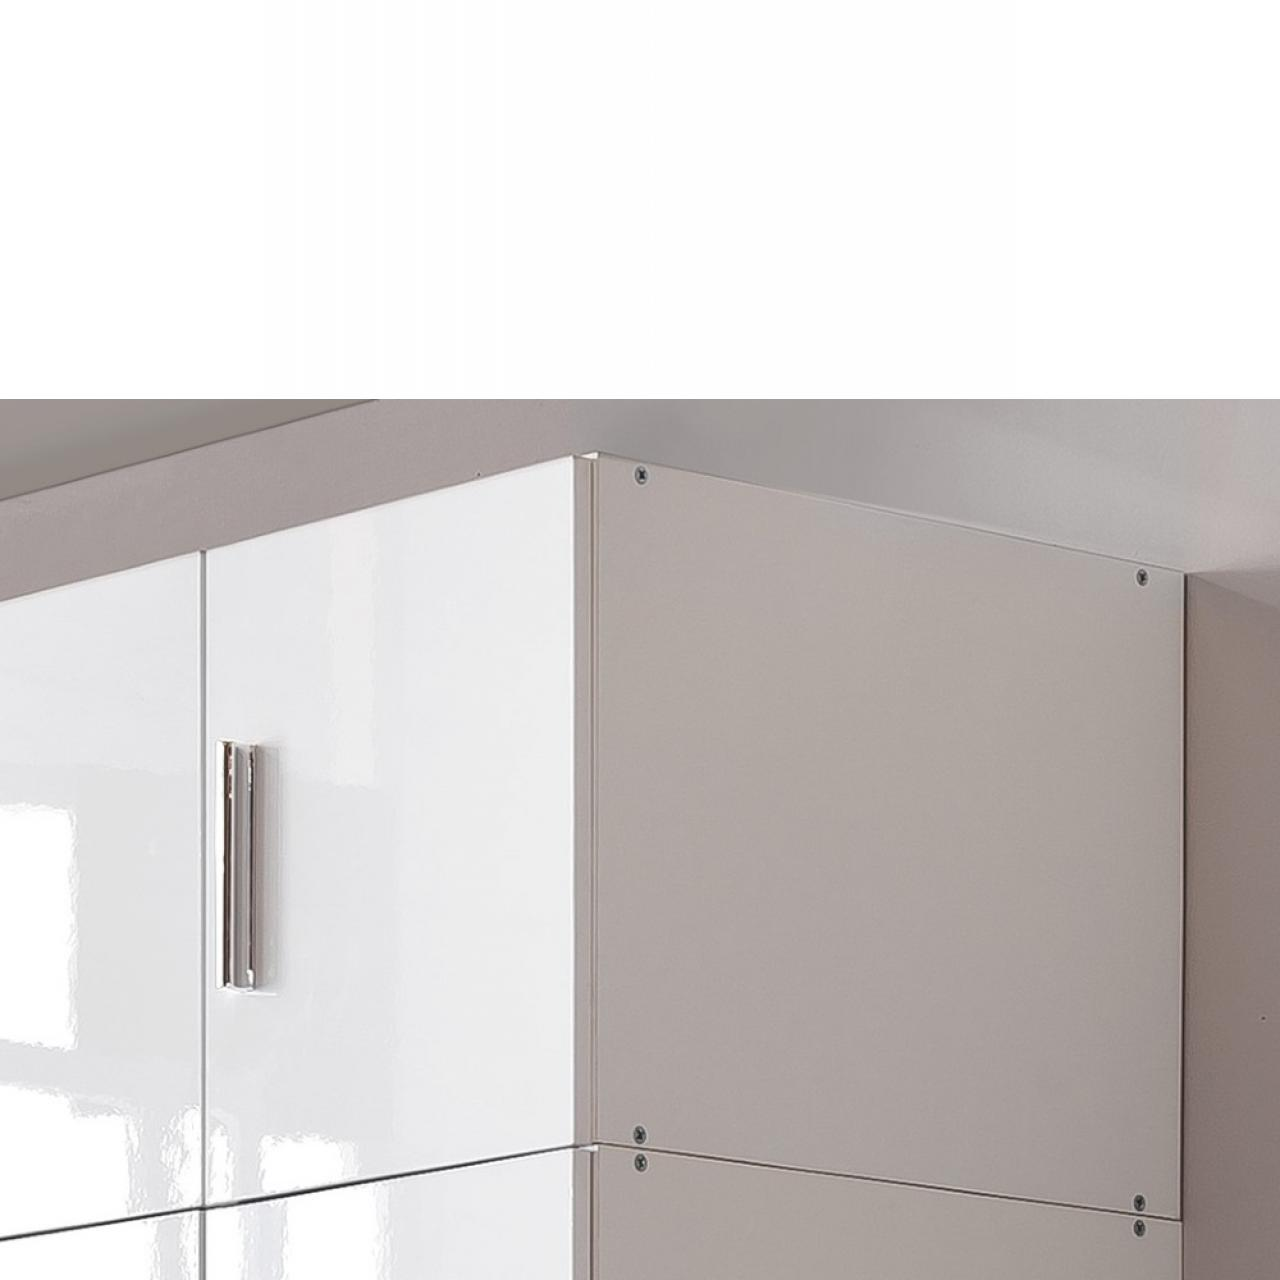 Aufsatz für Eckschrank Malta | Möbel Jähnichen Center GmbH